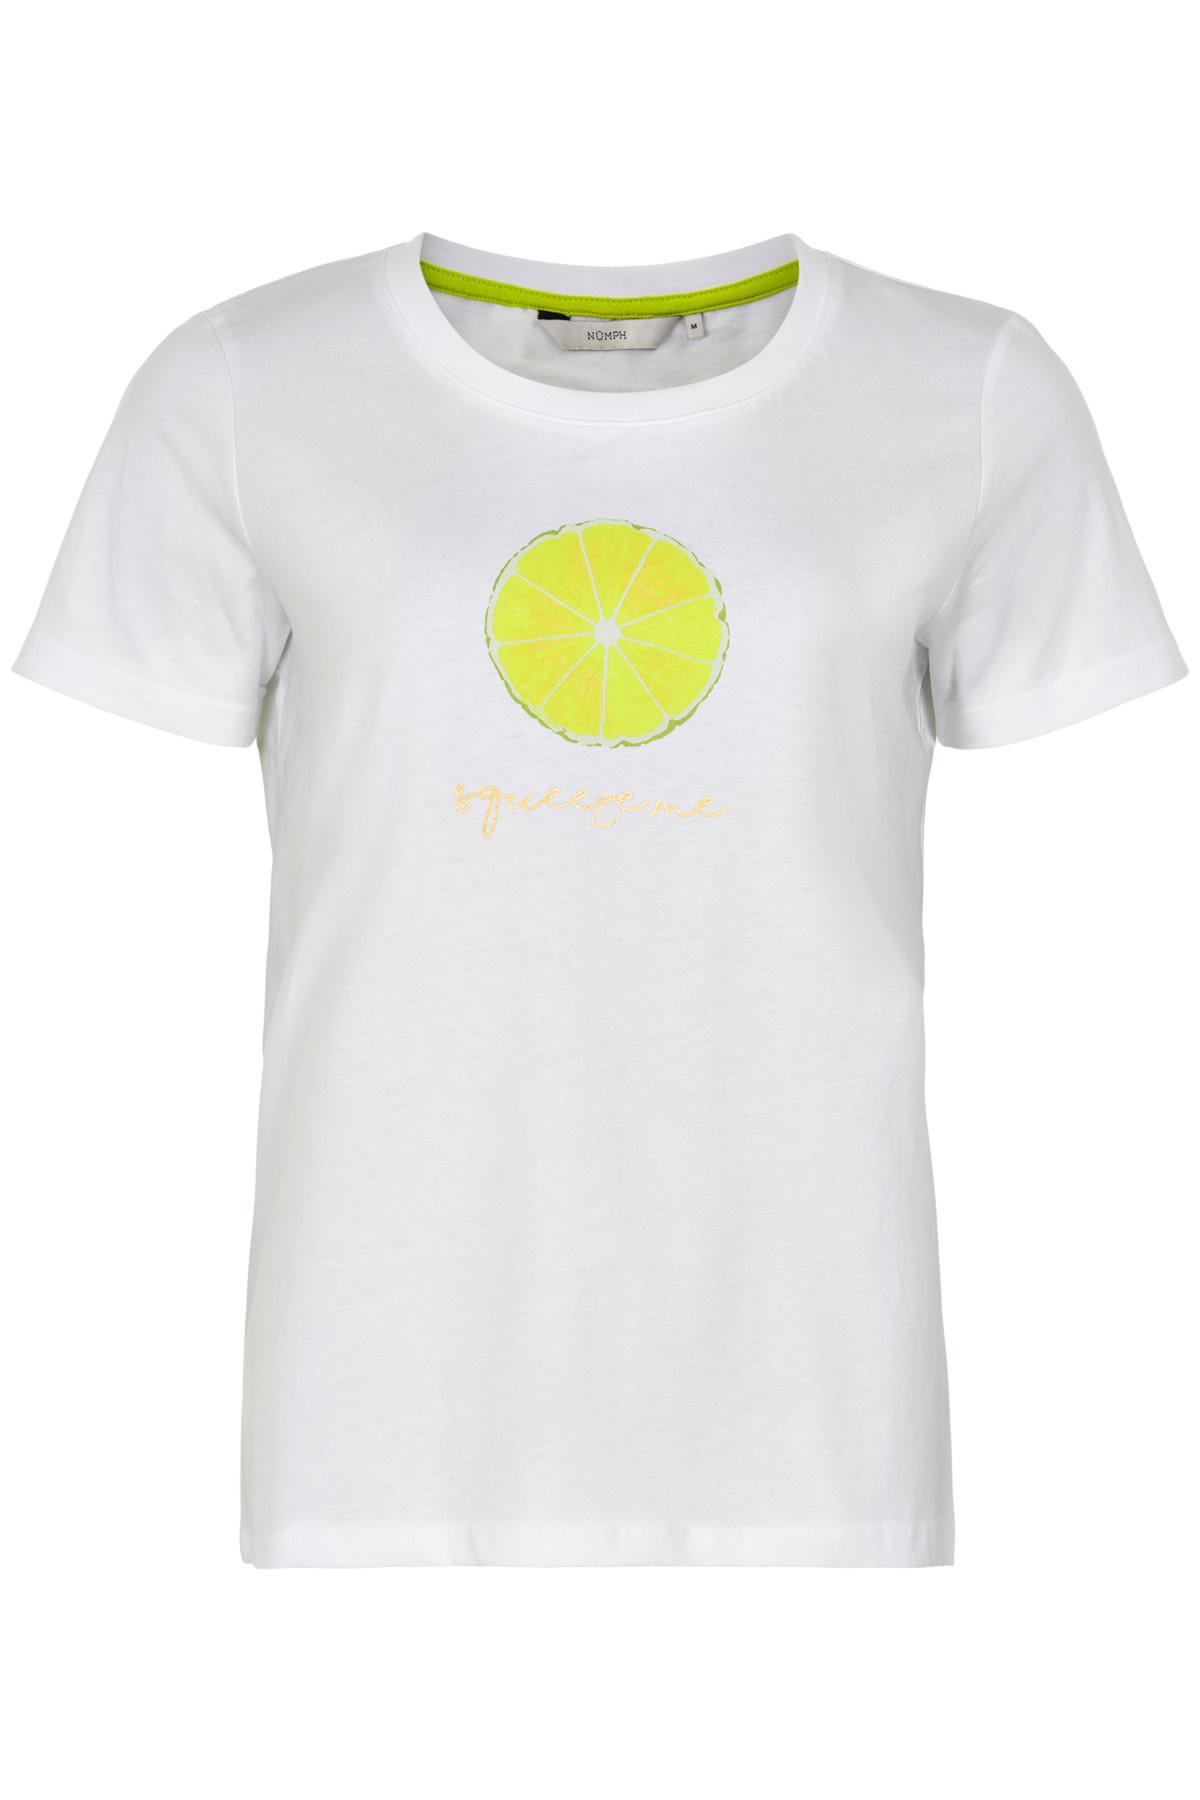 Nümph Ashlyn T-shirt - Lemon